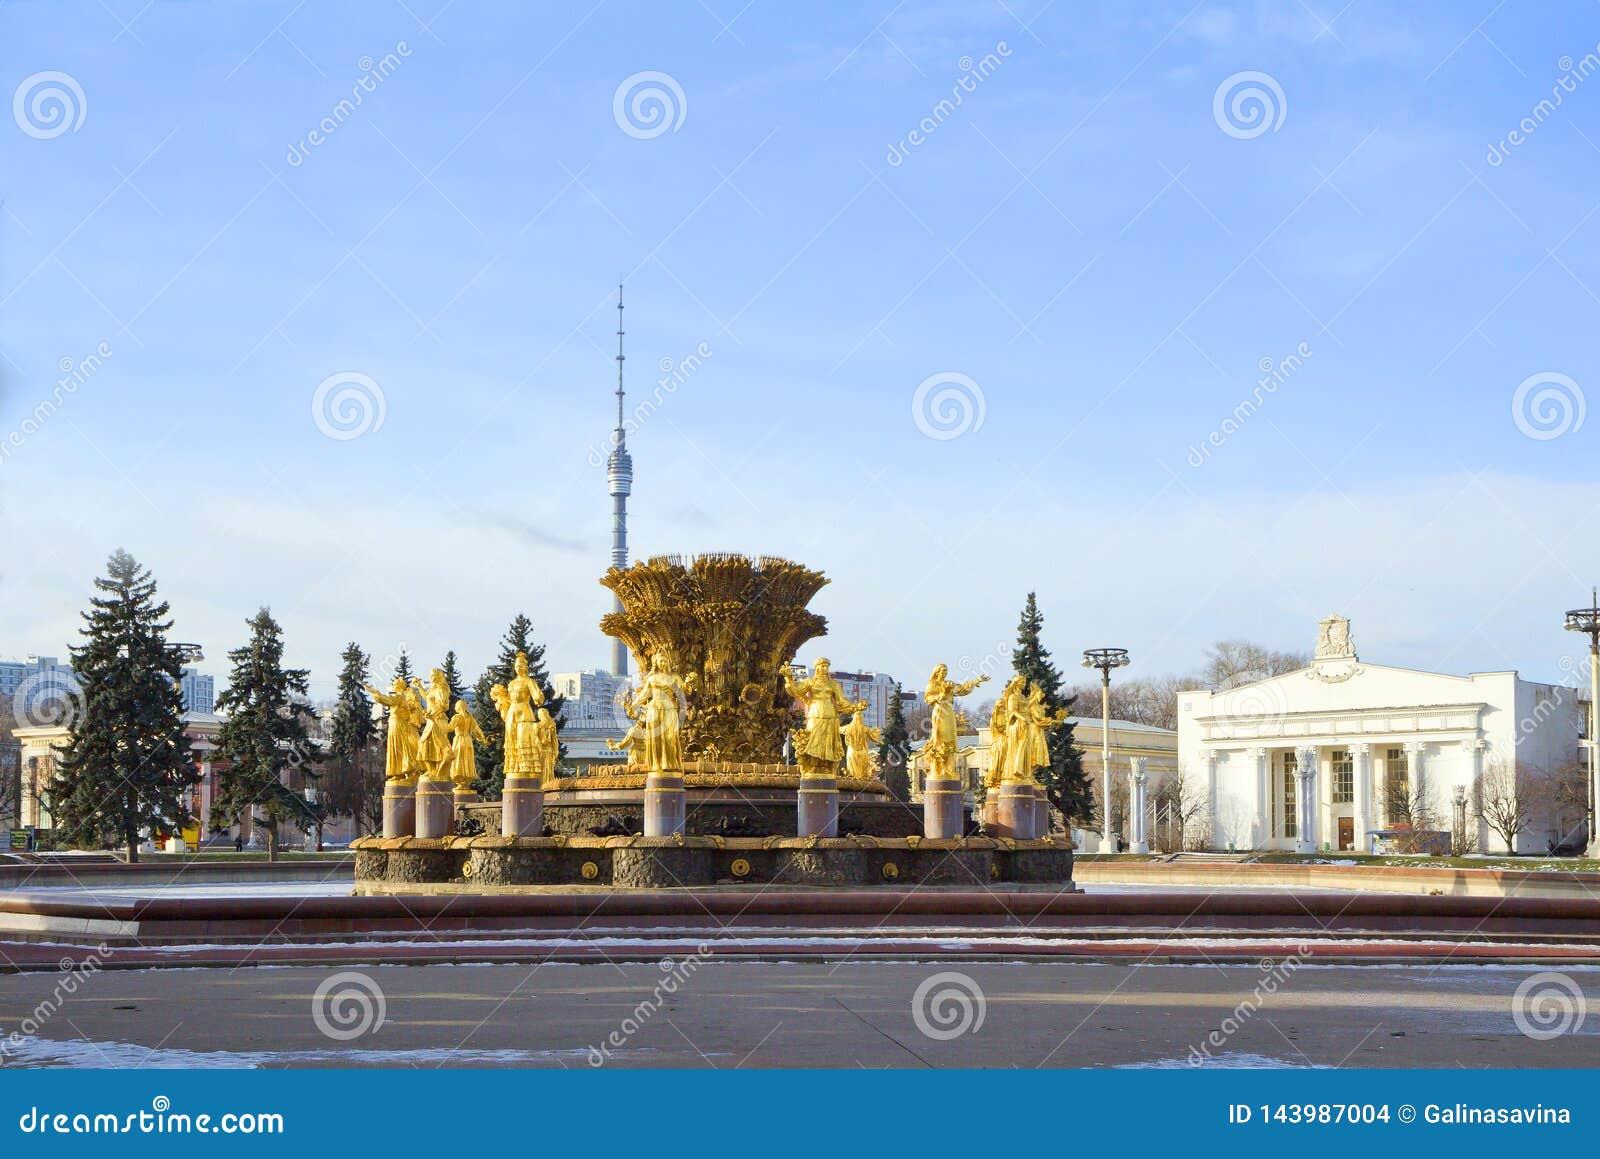 Moskau, Russland, Brunnen-'Freundschaft von Völkern auf VDNKh